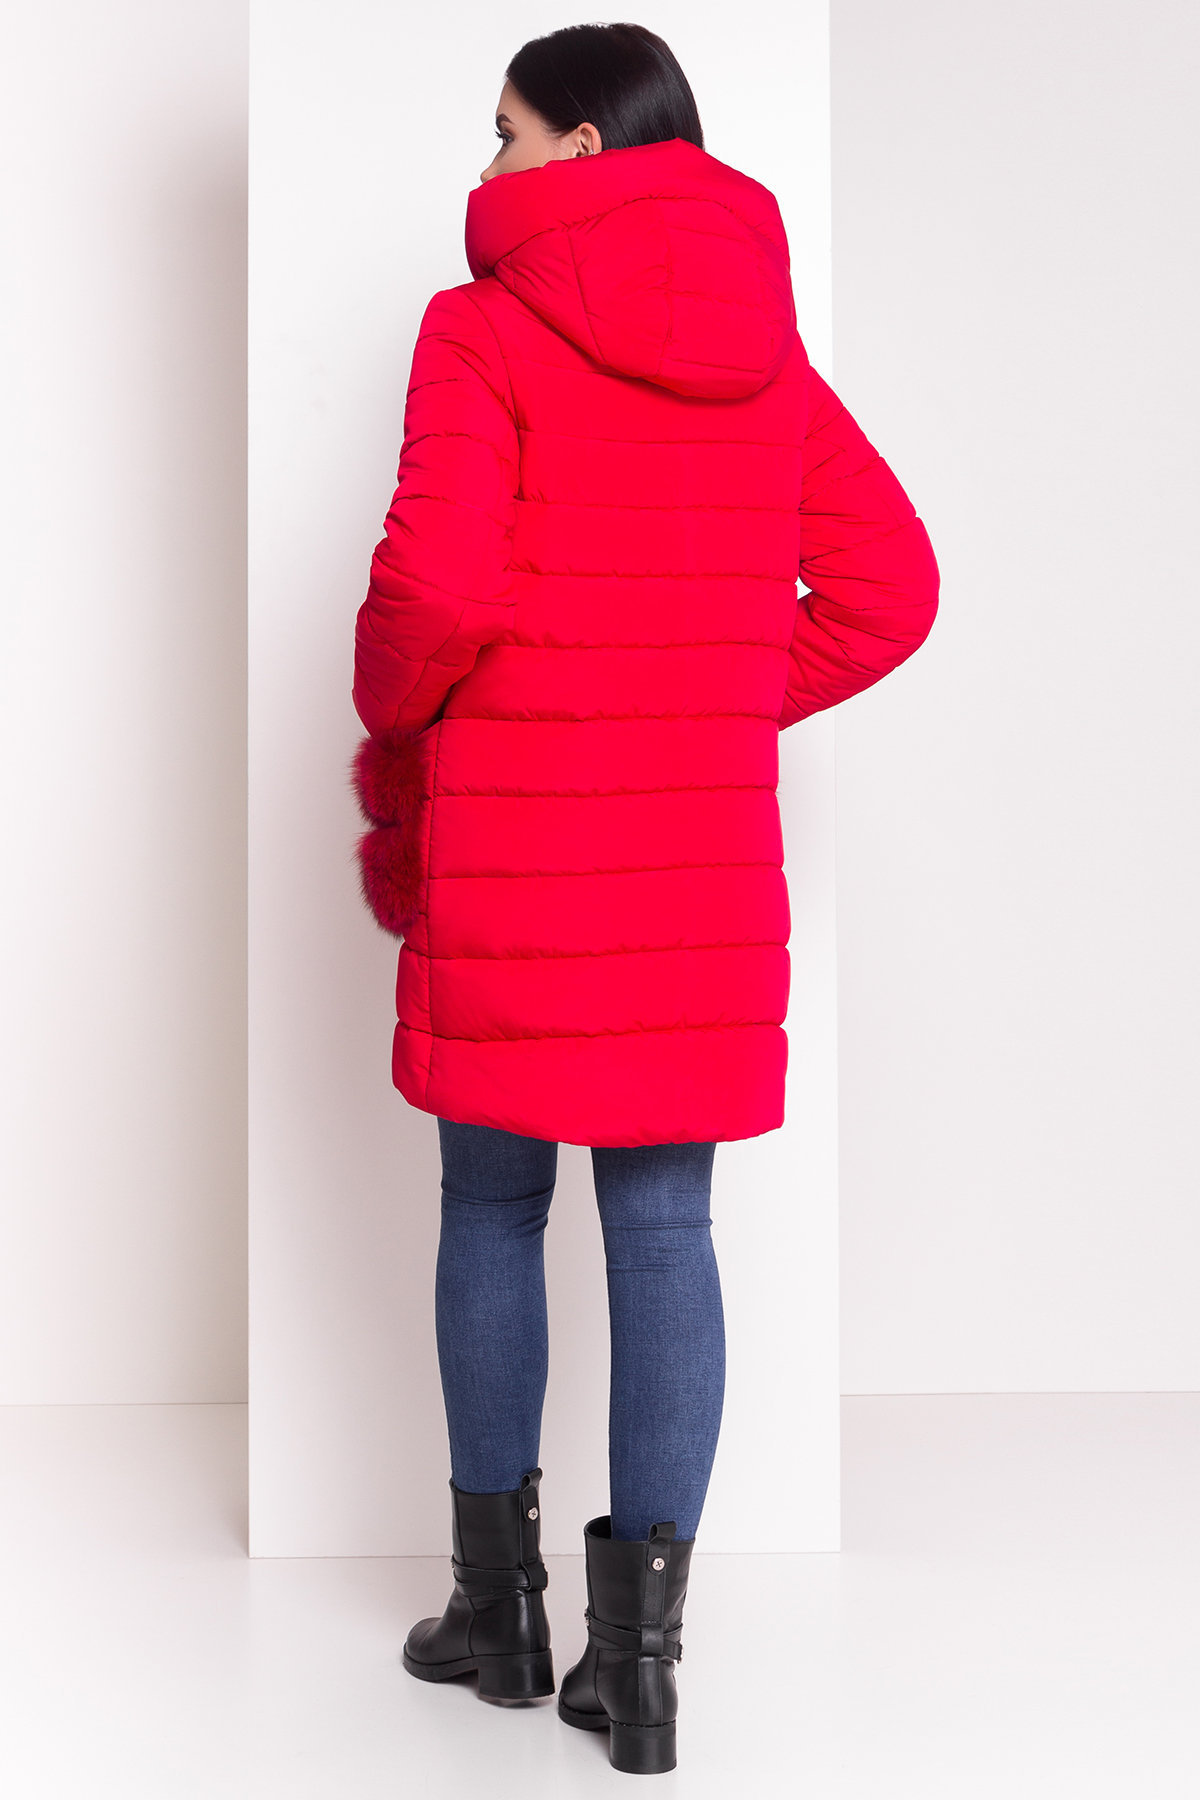 Зимний пуховик прямого кроя Лили Канада 8363 АРТ. 44554 Цвет: Красный - фото 4, интернет магазин tm-modus.ru